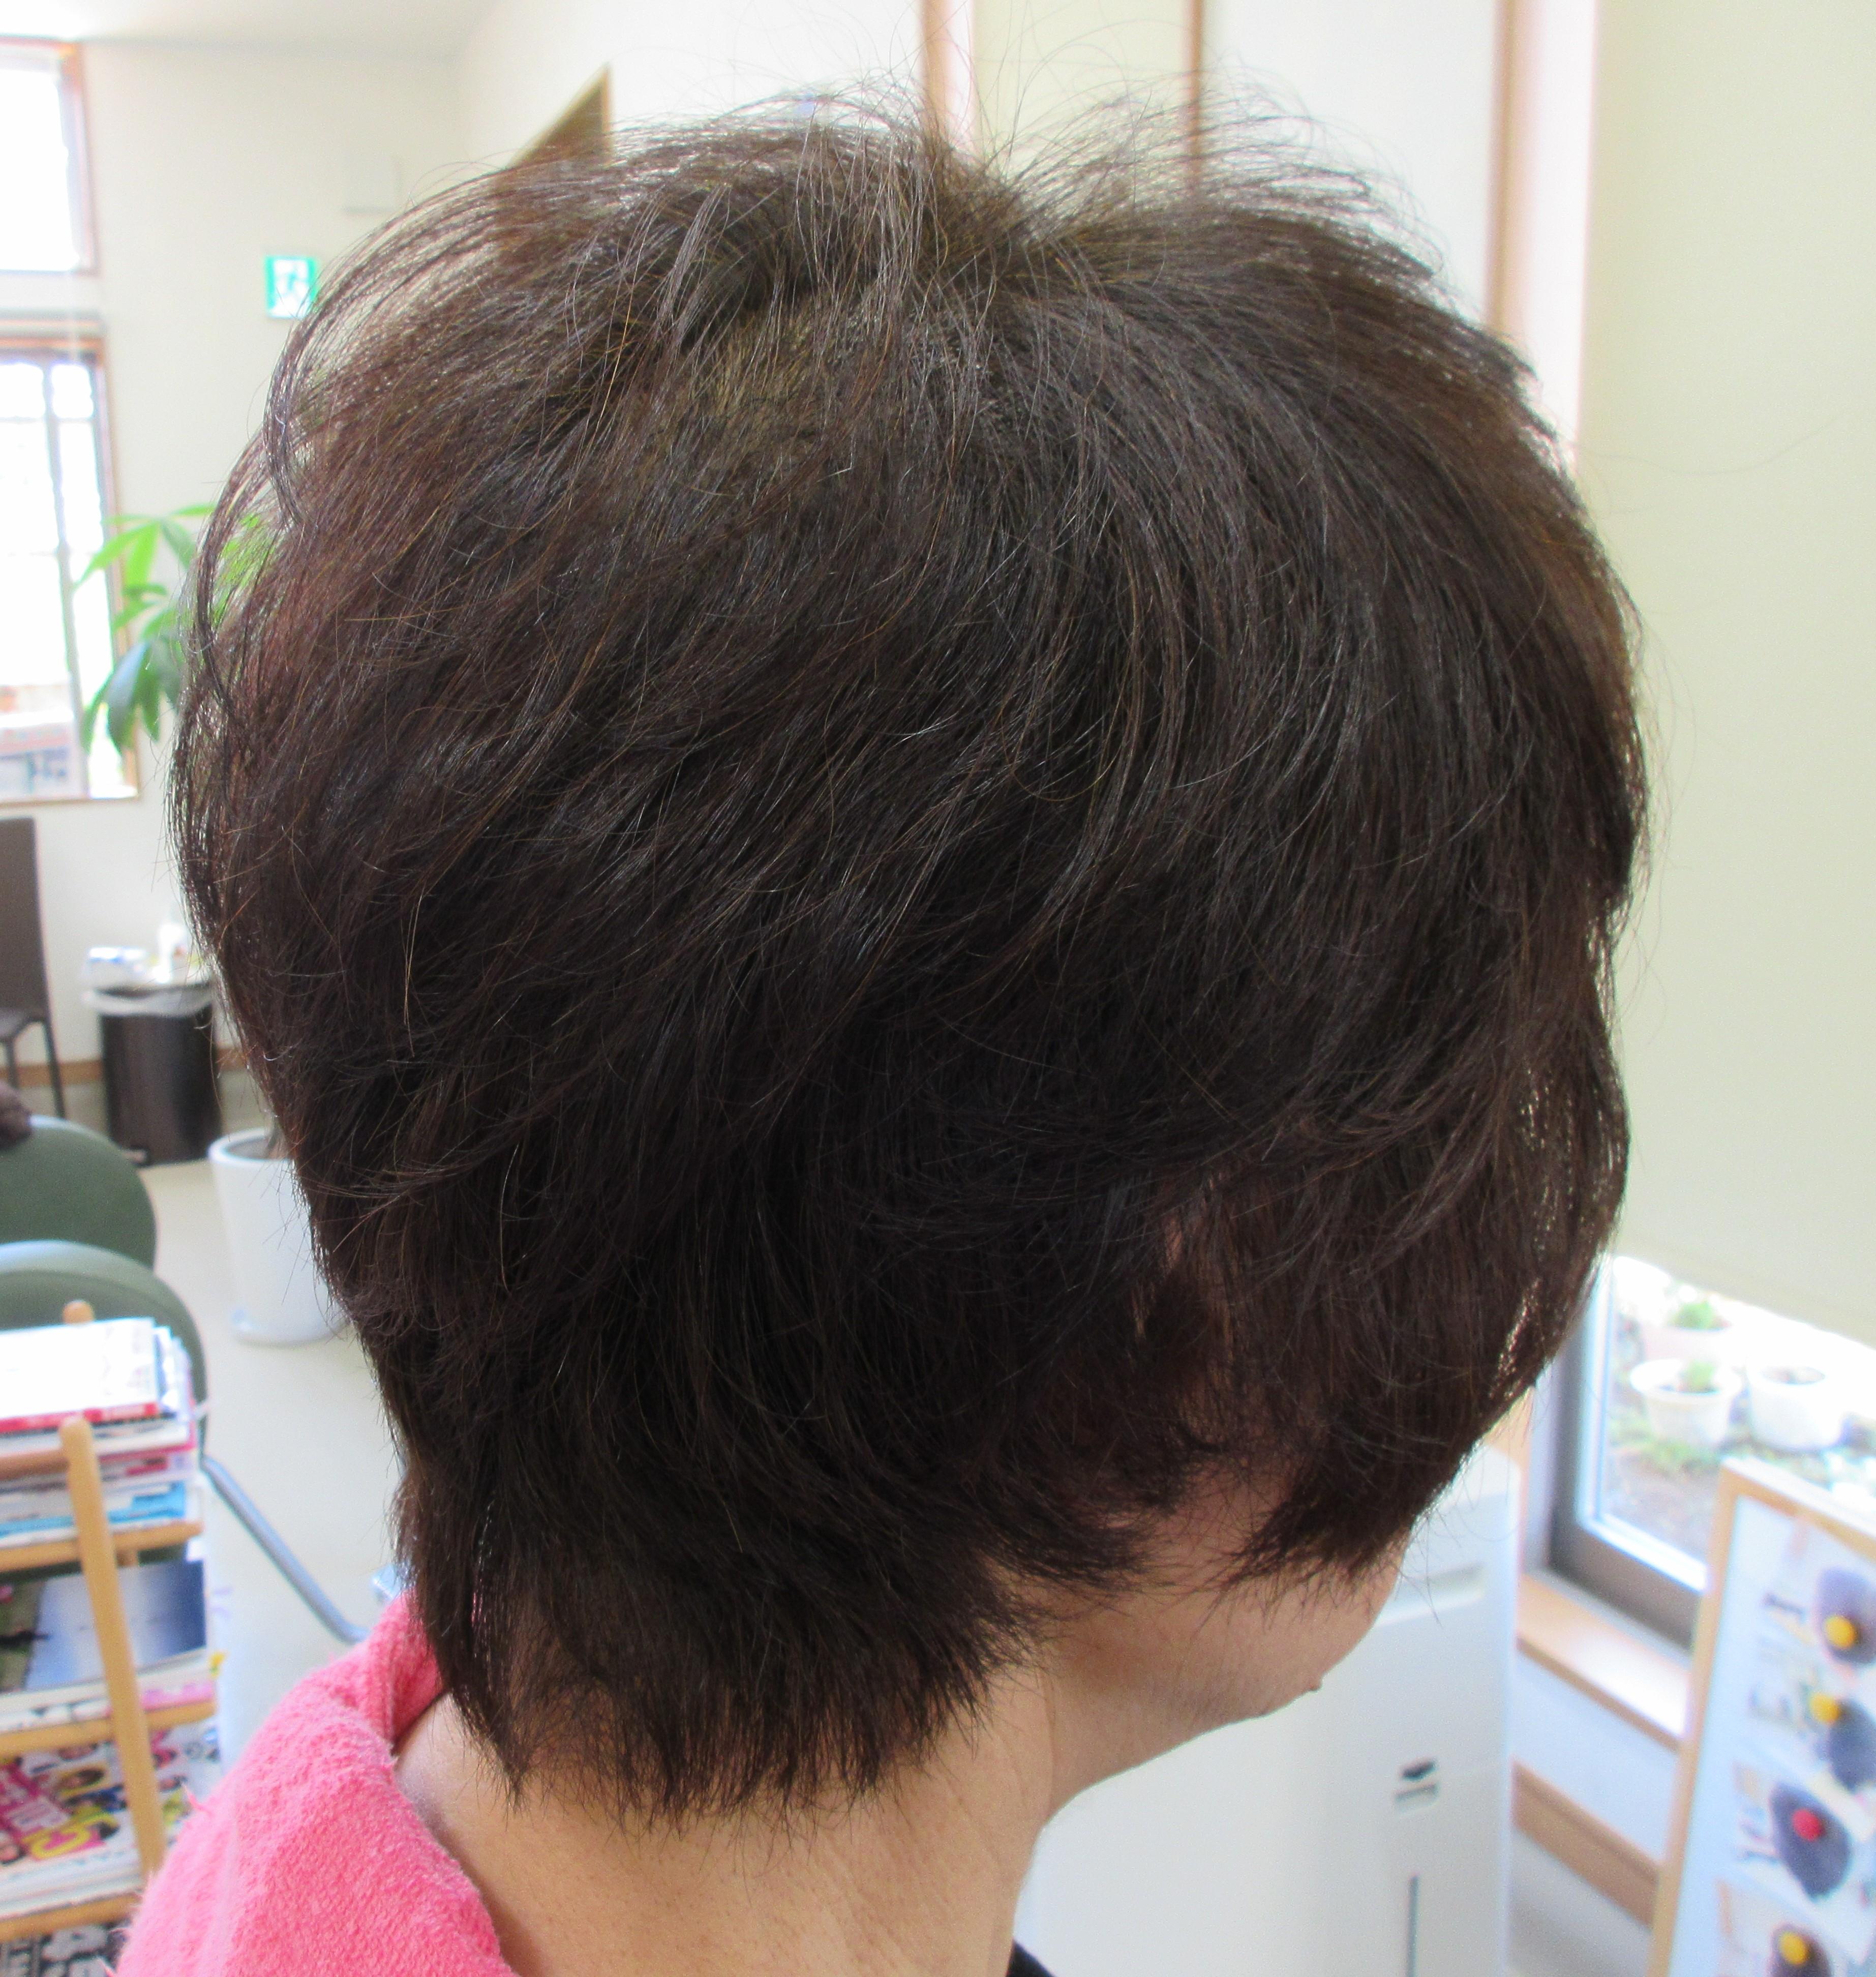 髪の毛ほめられて、お手入れが簡単でよかった~^^そして天然ヘナ100%、